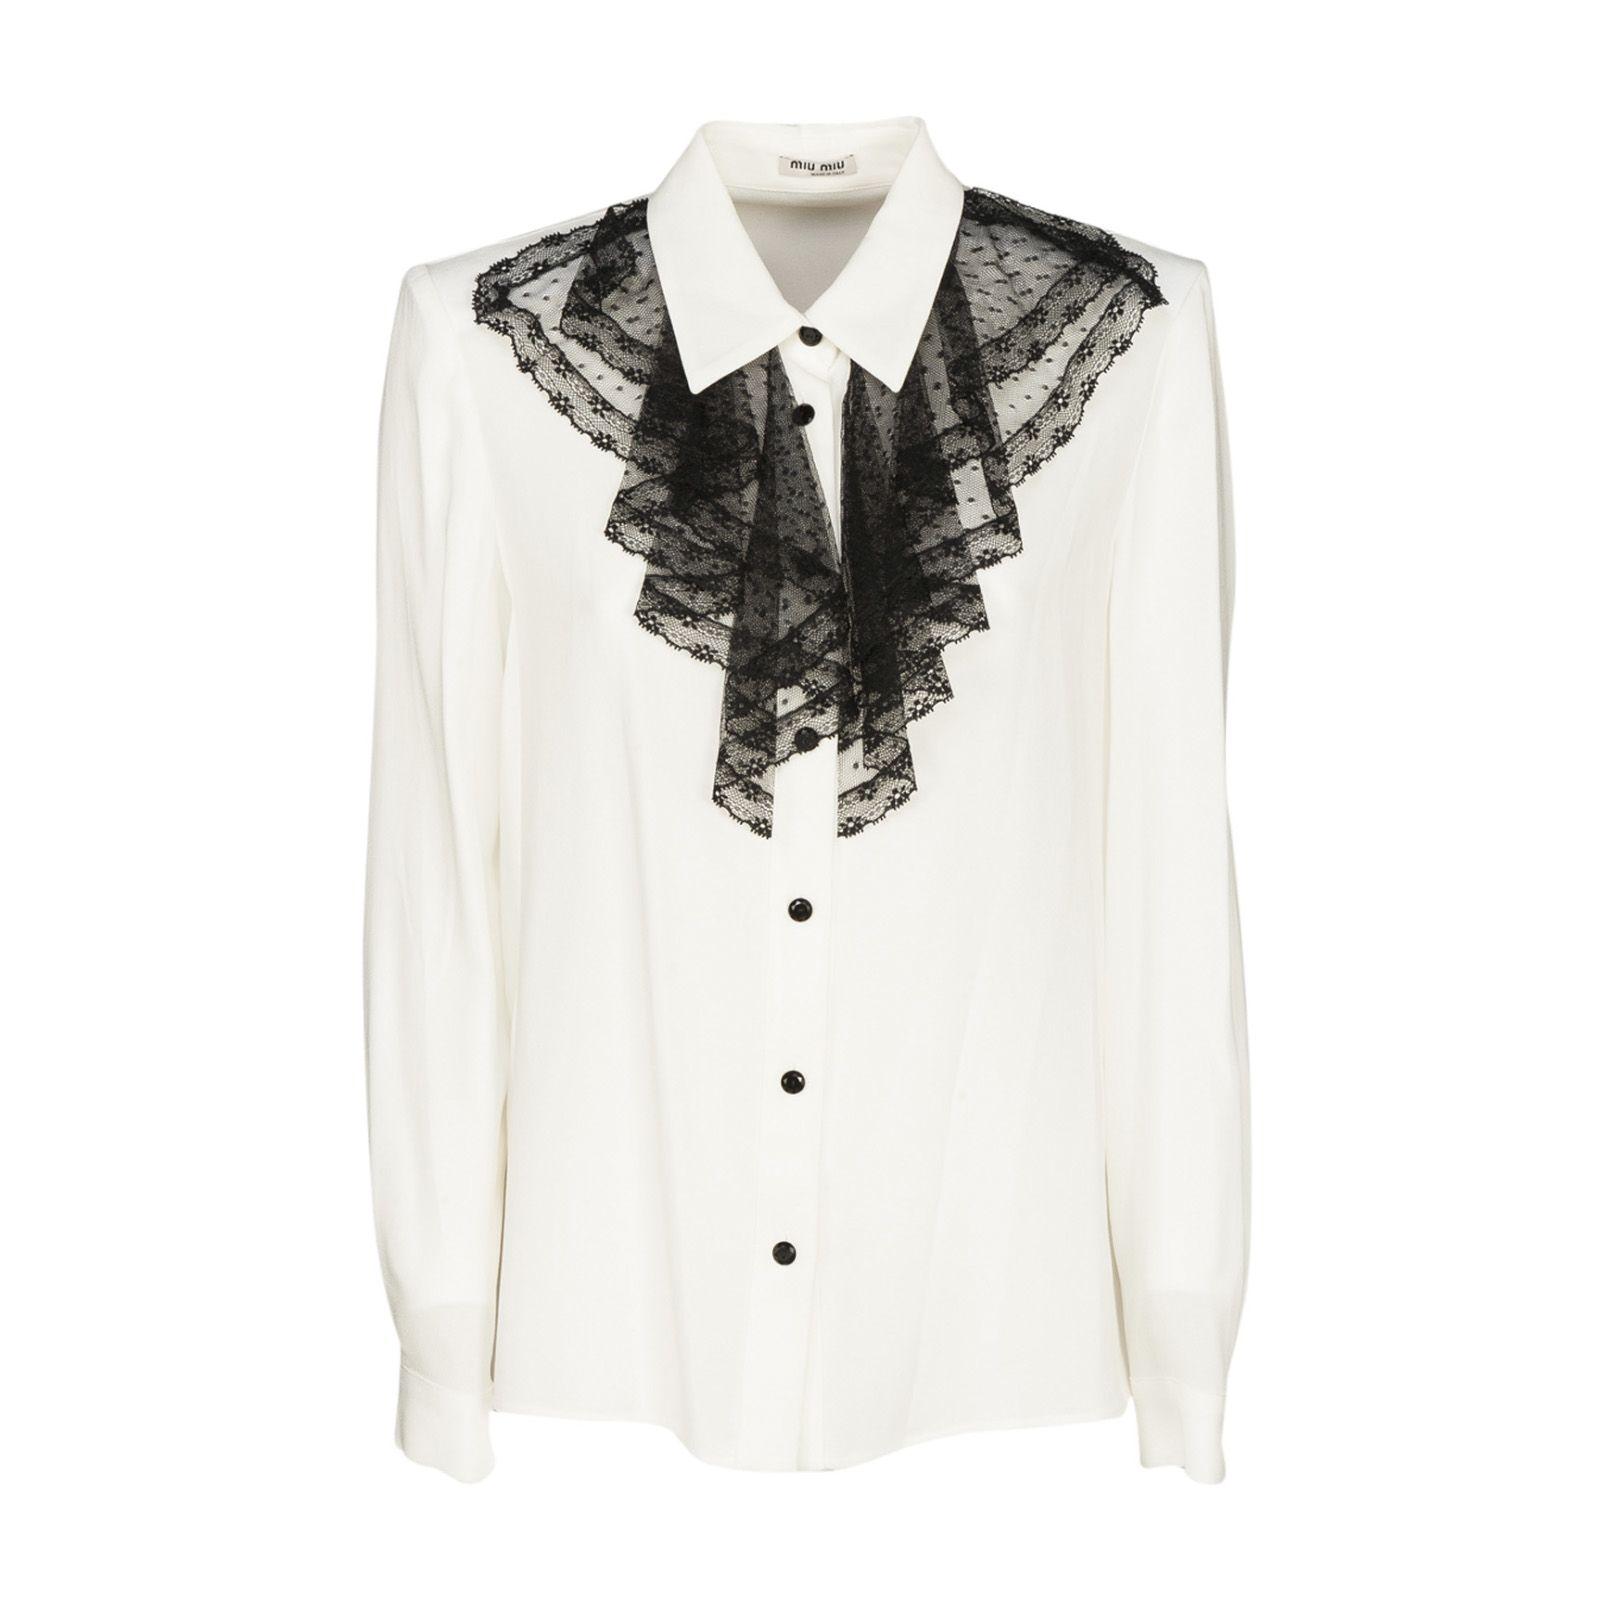 Miu Miu Ruffle Shirt